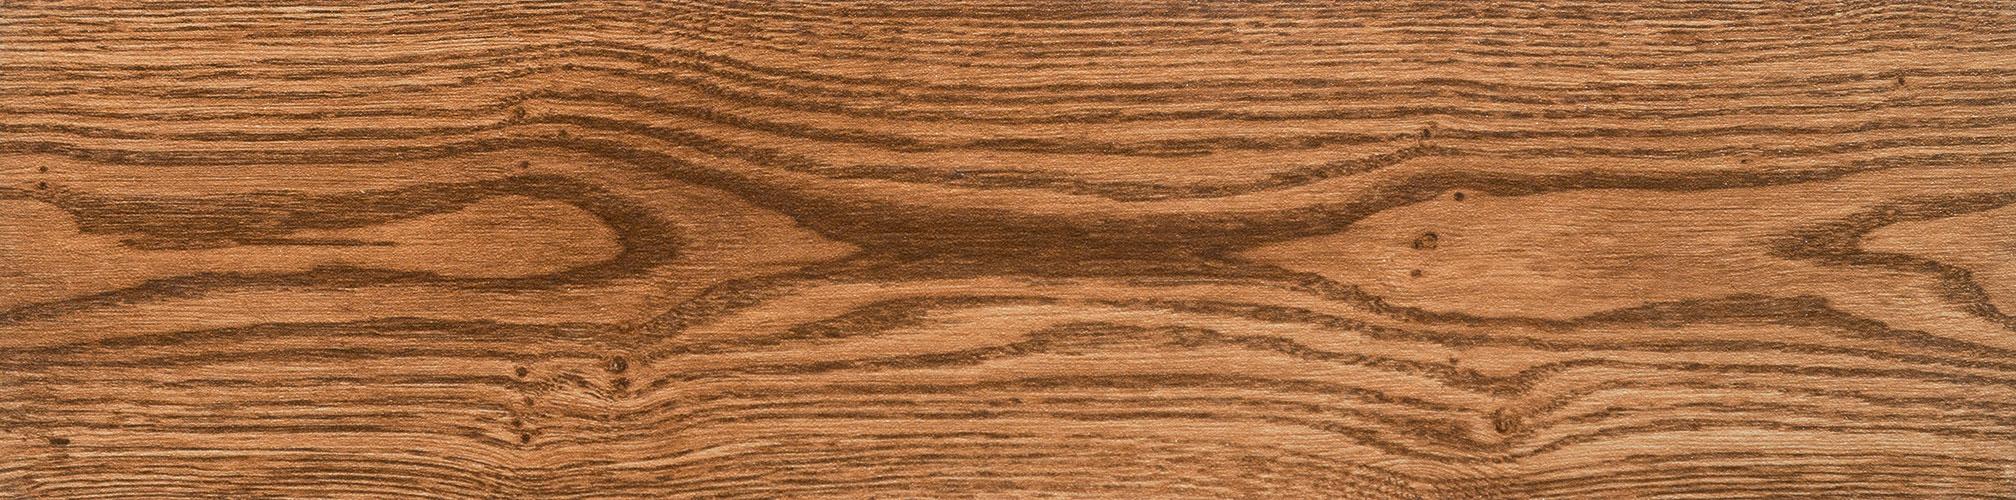 Barbados wood brown